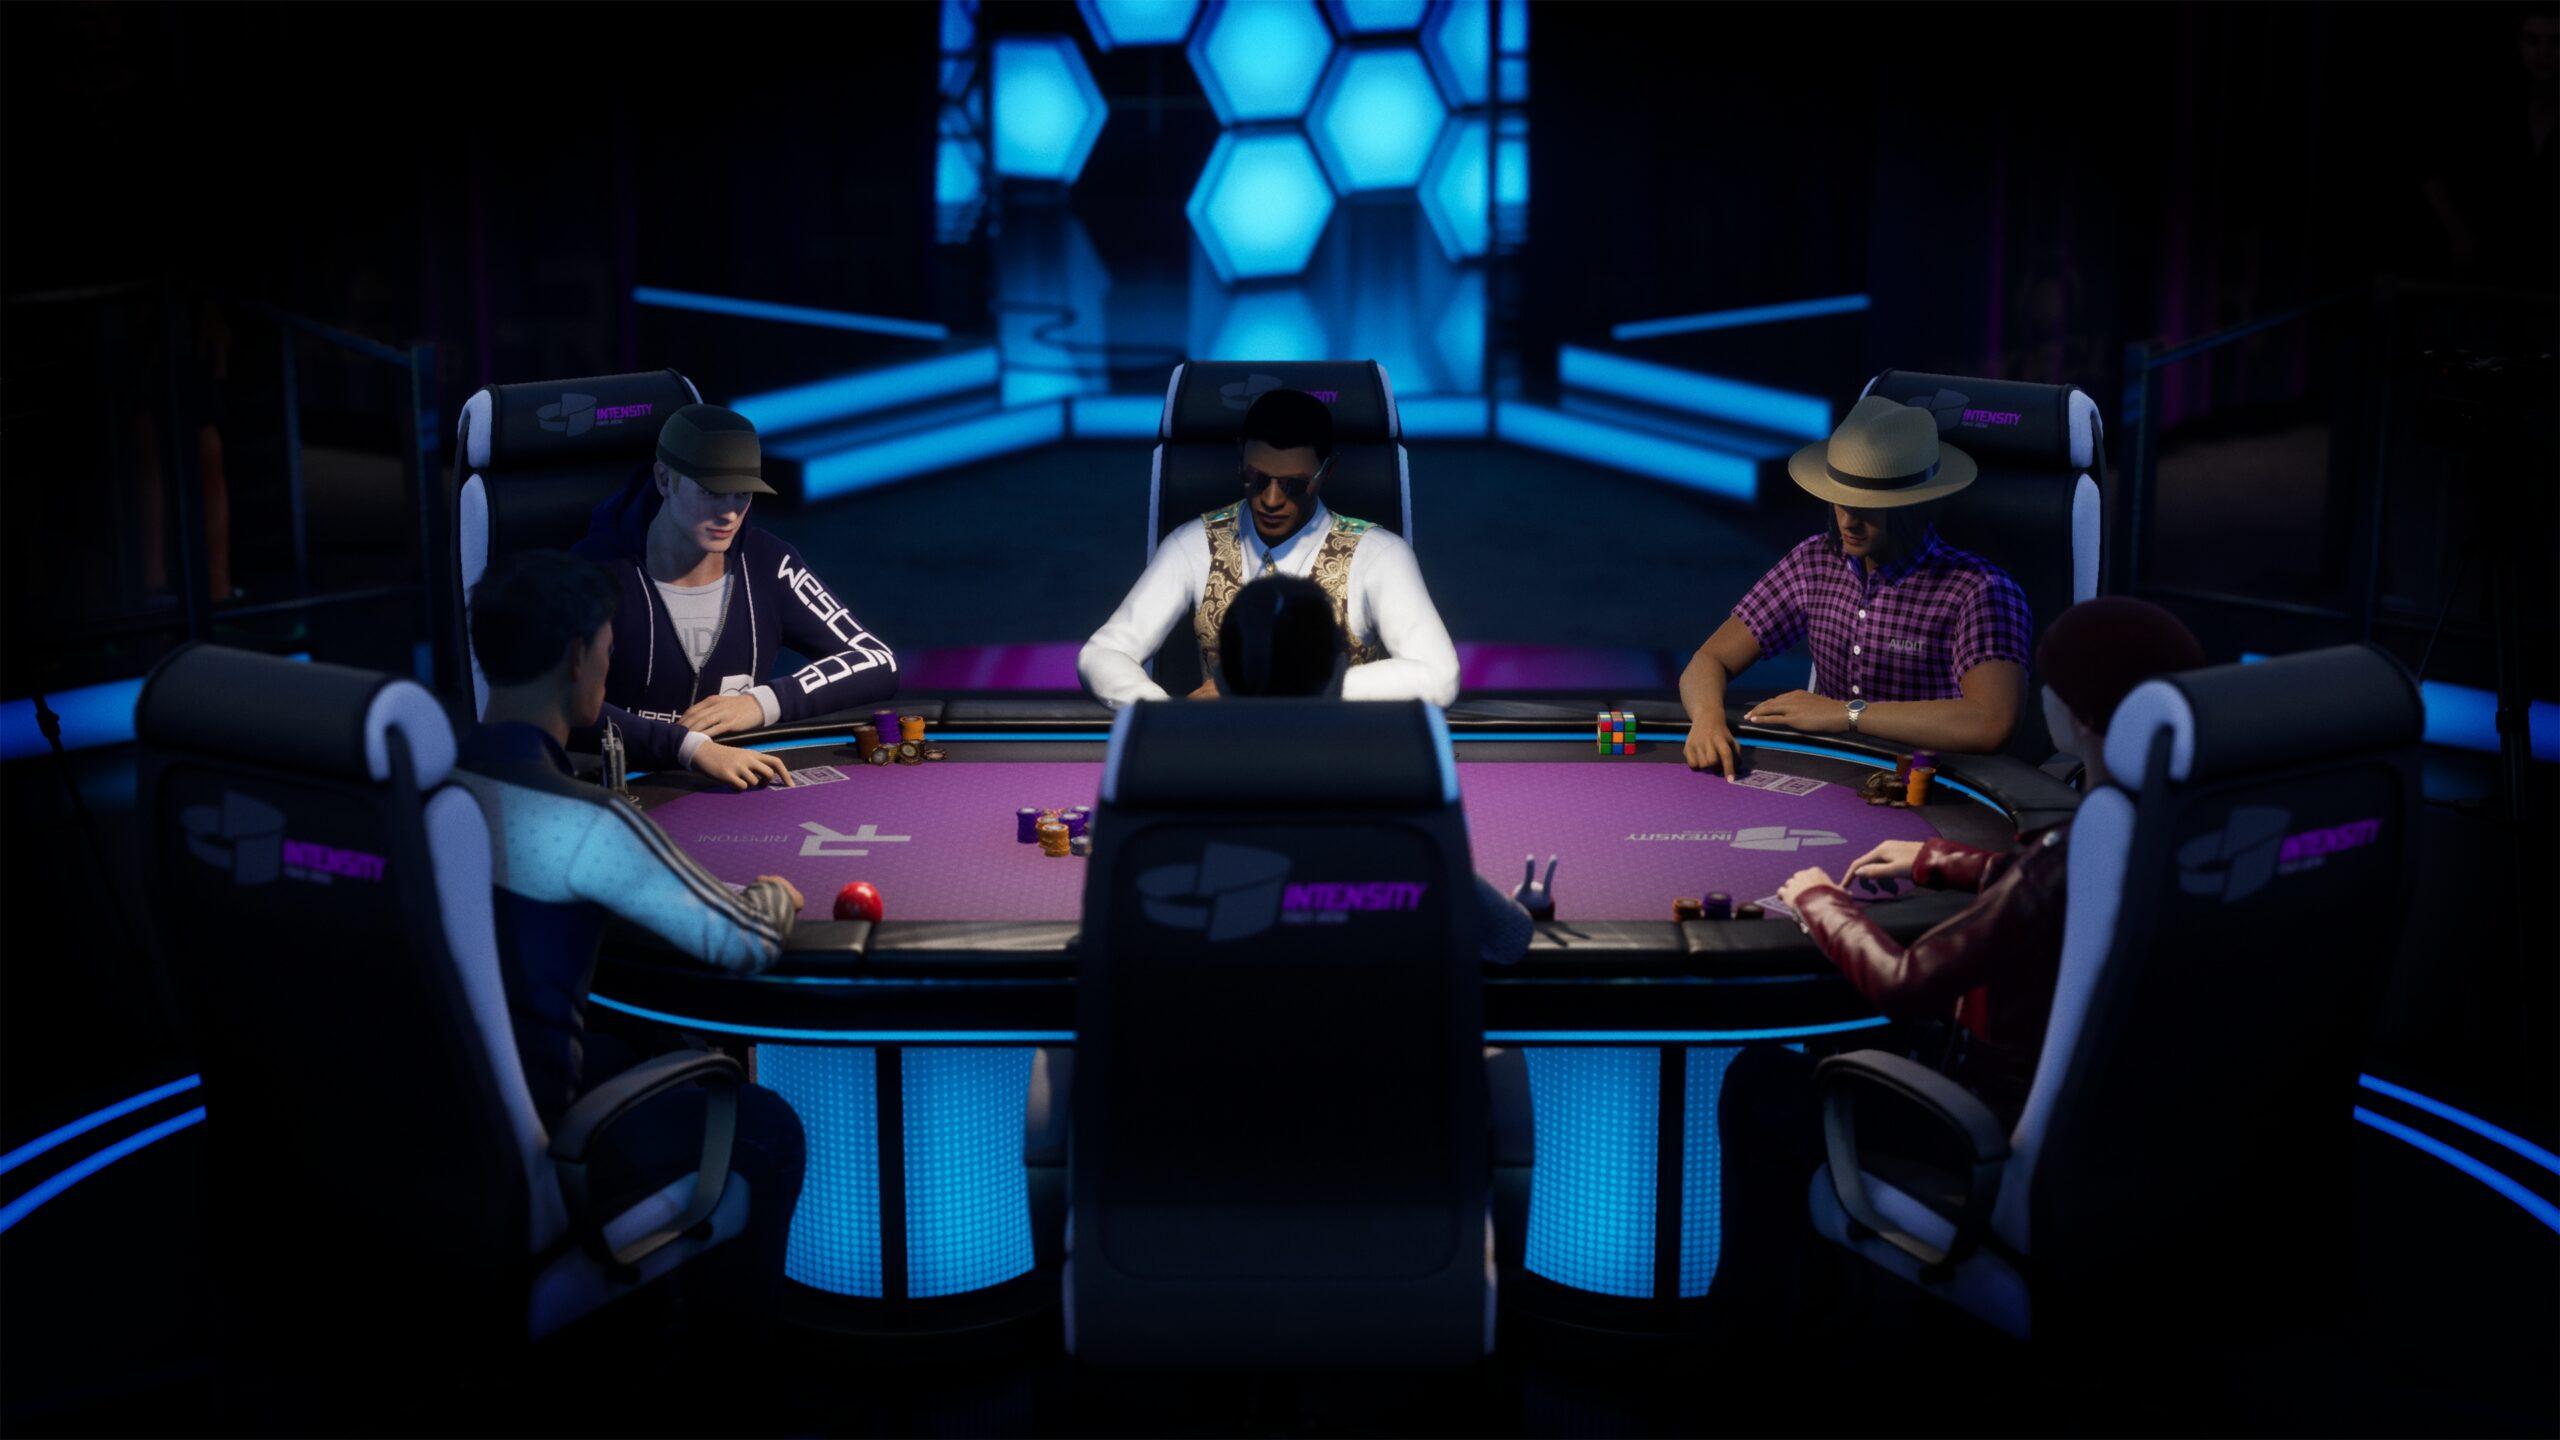 Poker-Club_2020_10-20-20_002